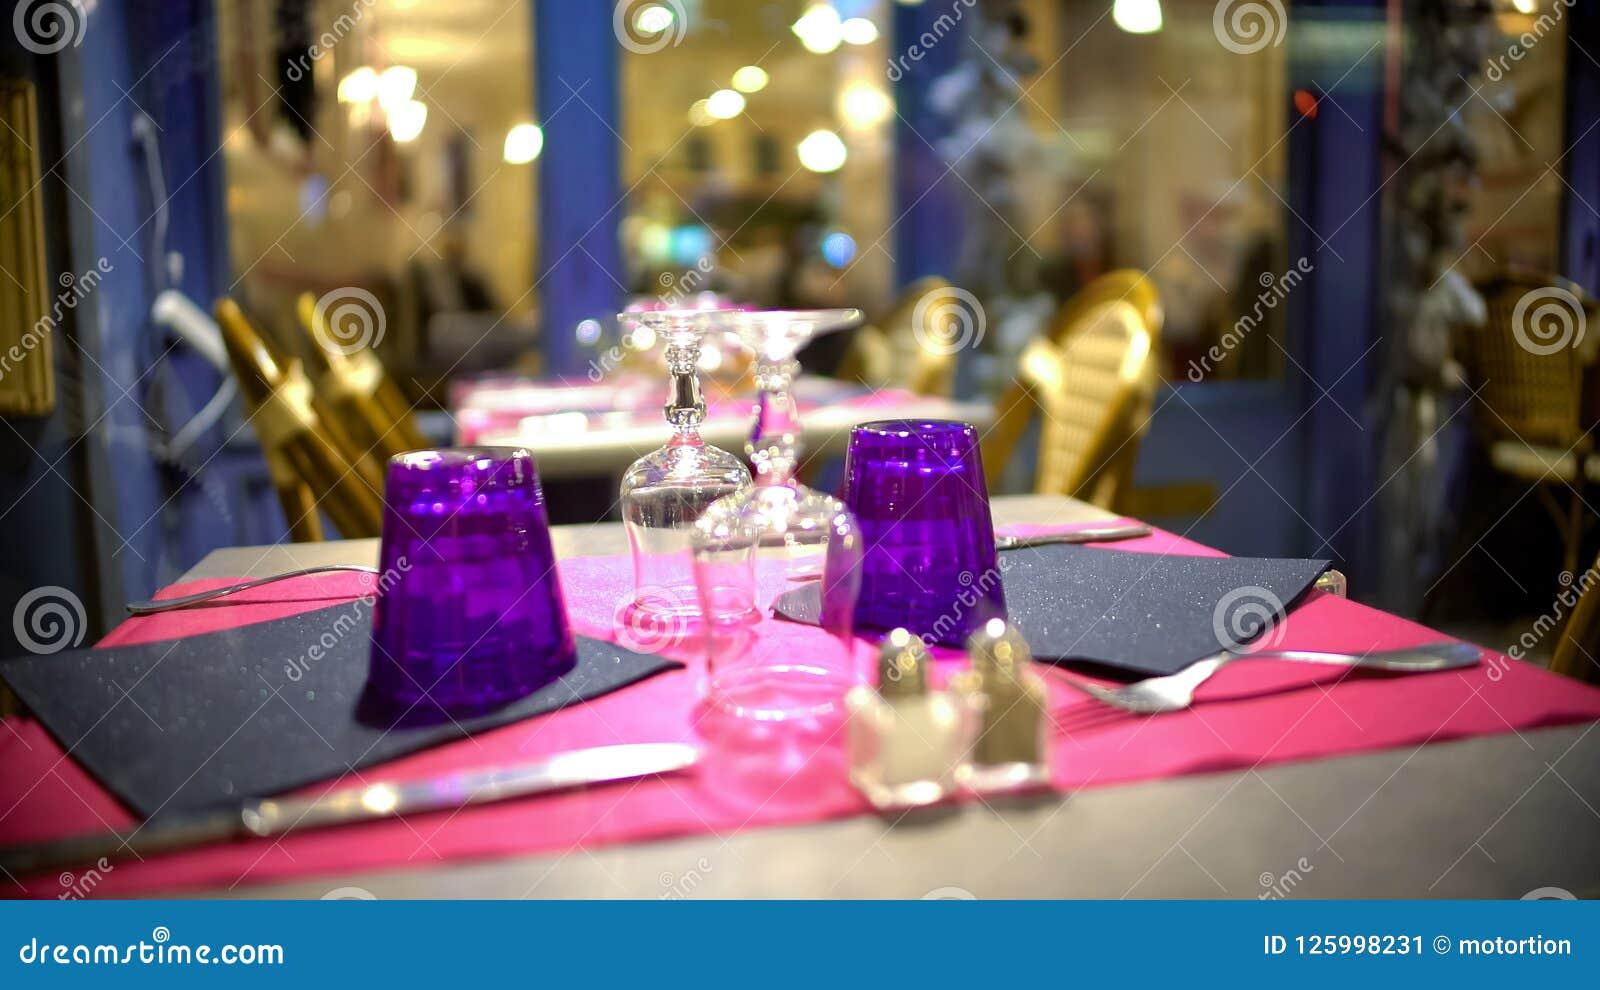 Vidros de cabeça para baixo na tabela fashionably servida no restaurante moderno, close up